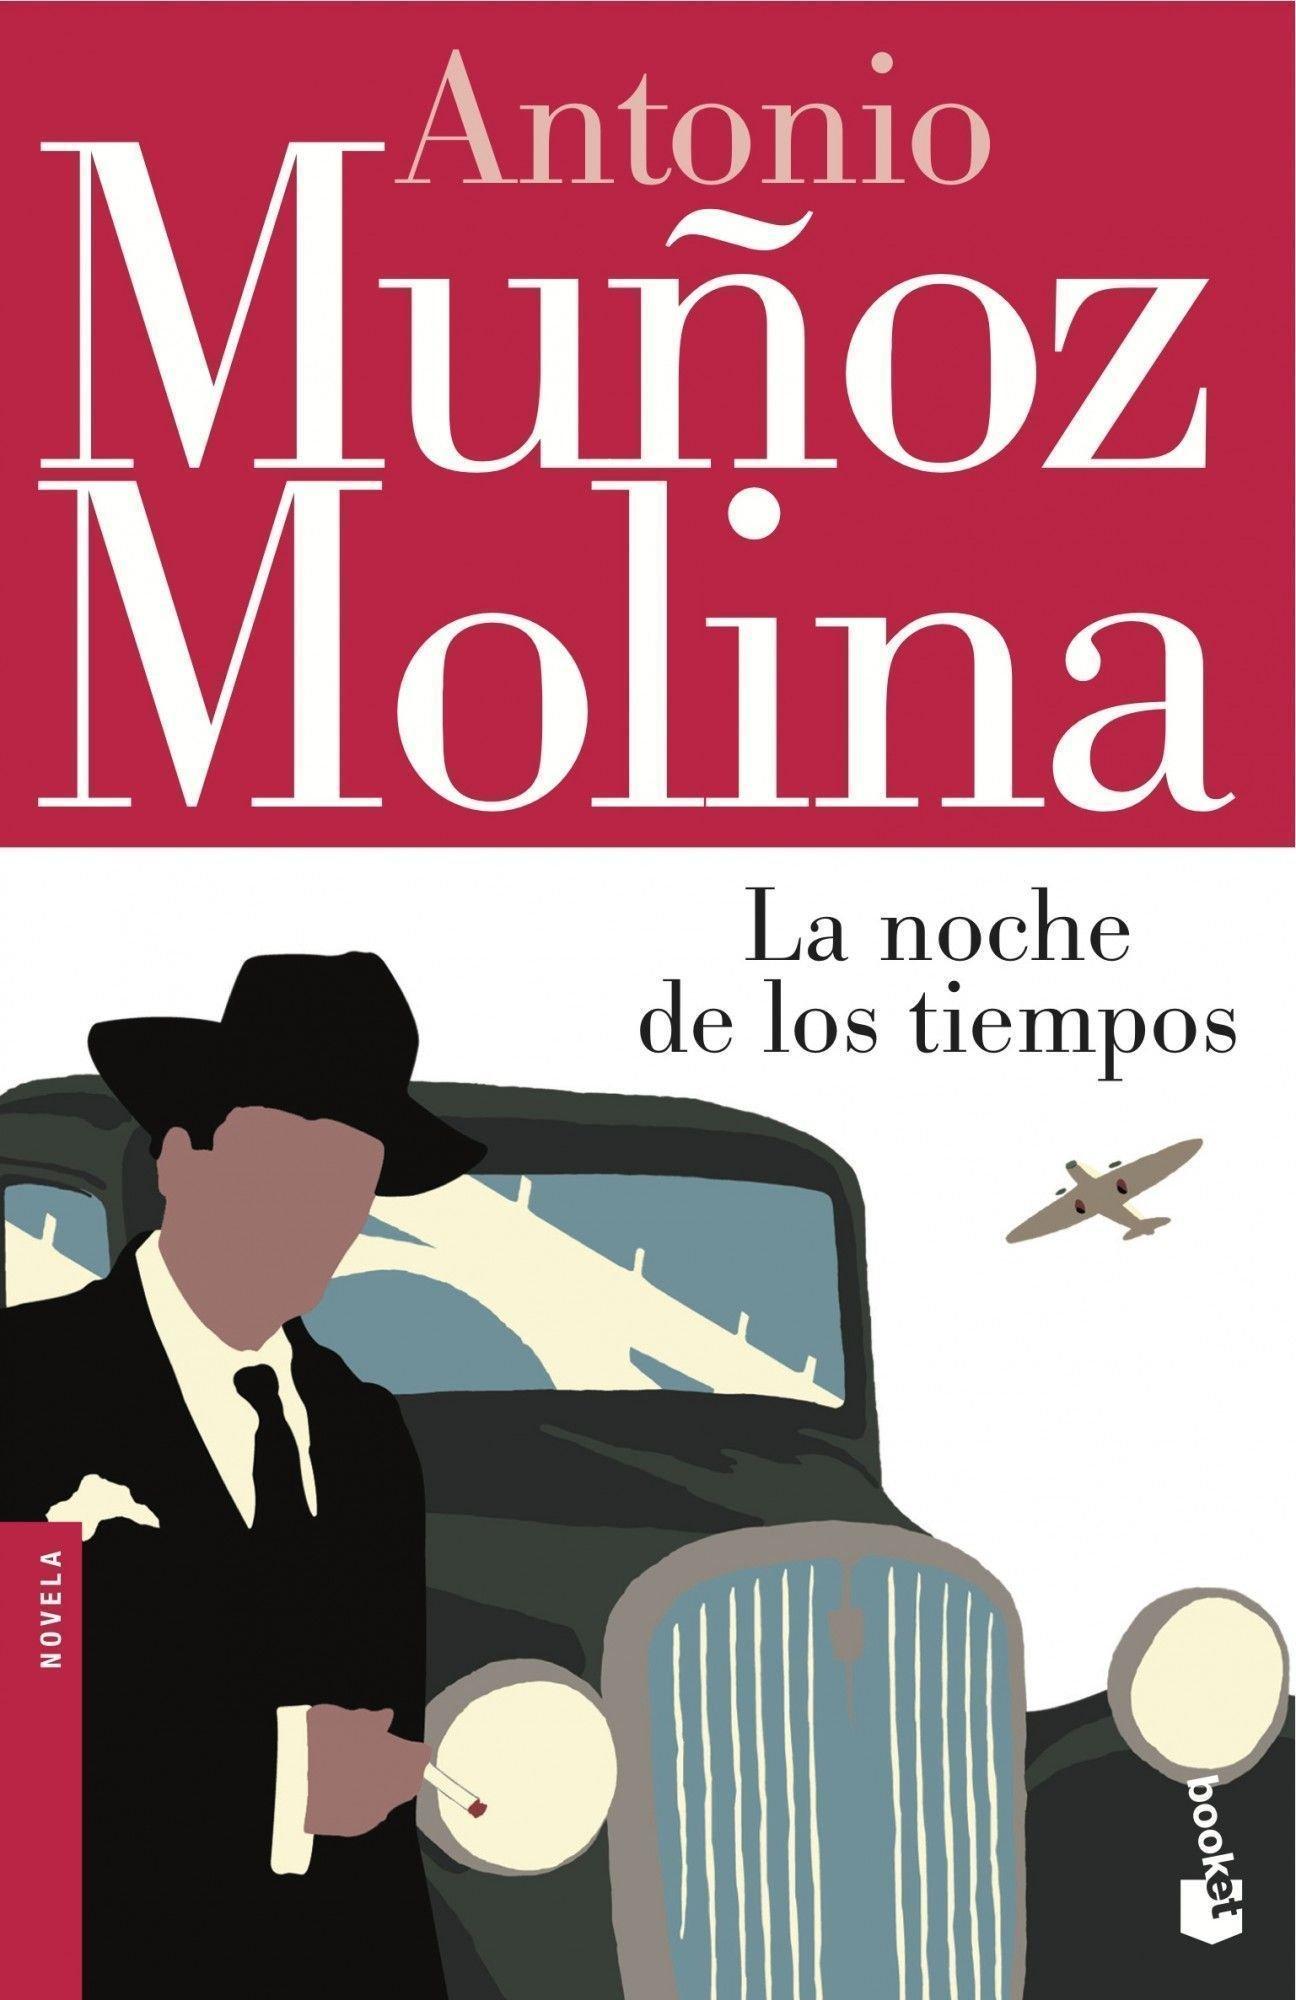 La noche de los tiempos (Gran Formato): Amazon.es: Muñoz Molina, Antonio: Libros